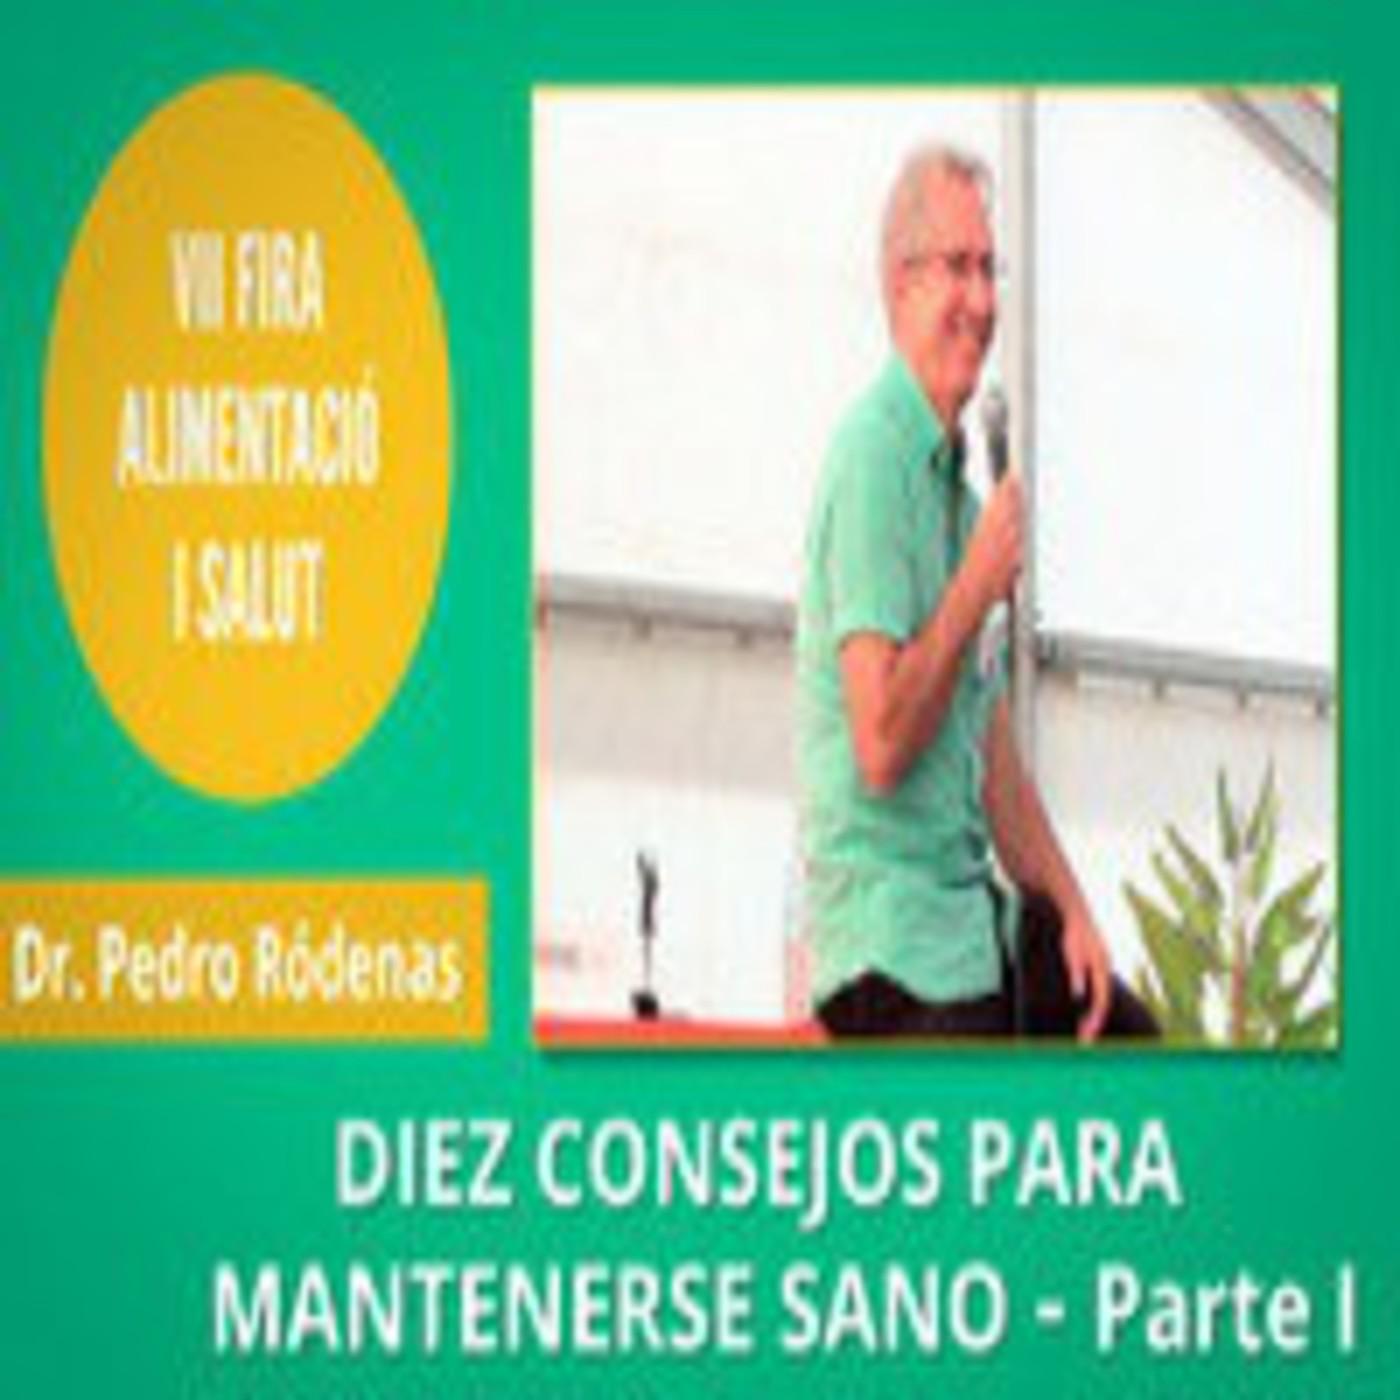 10 Consejos para mantenerse Sano - Dr. Pedro Ródenas - PARTE 1